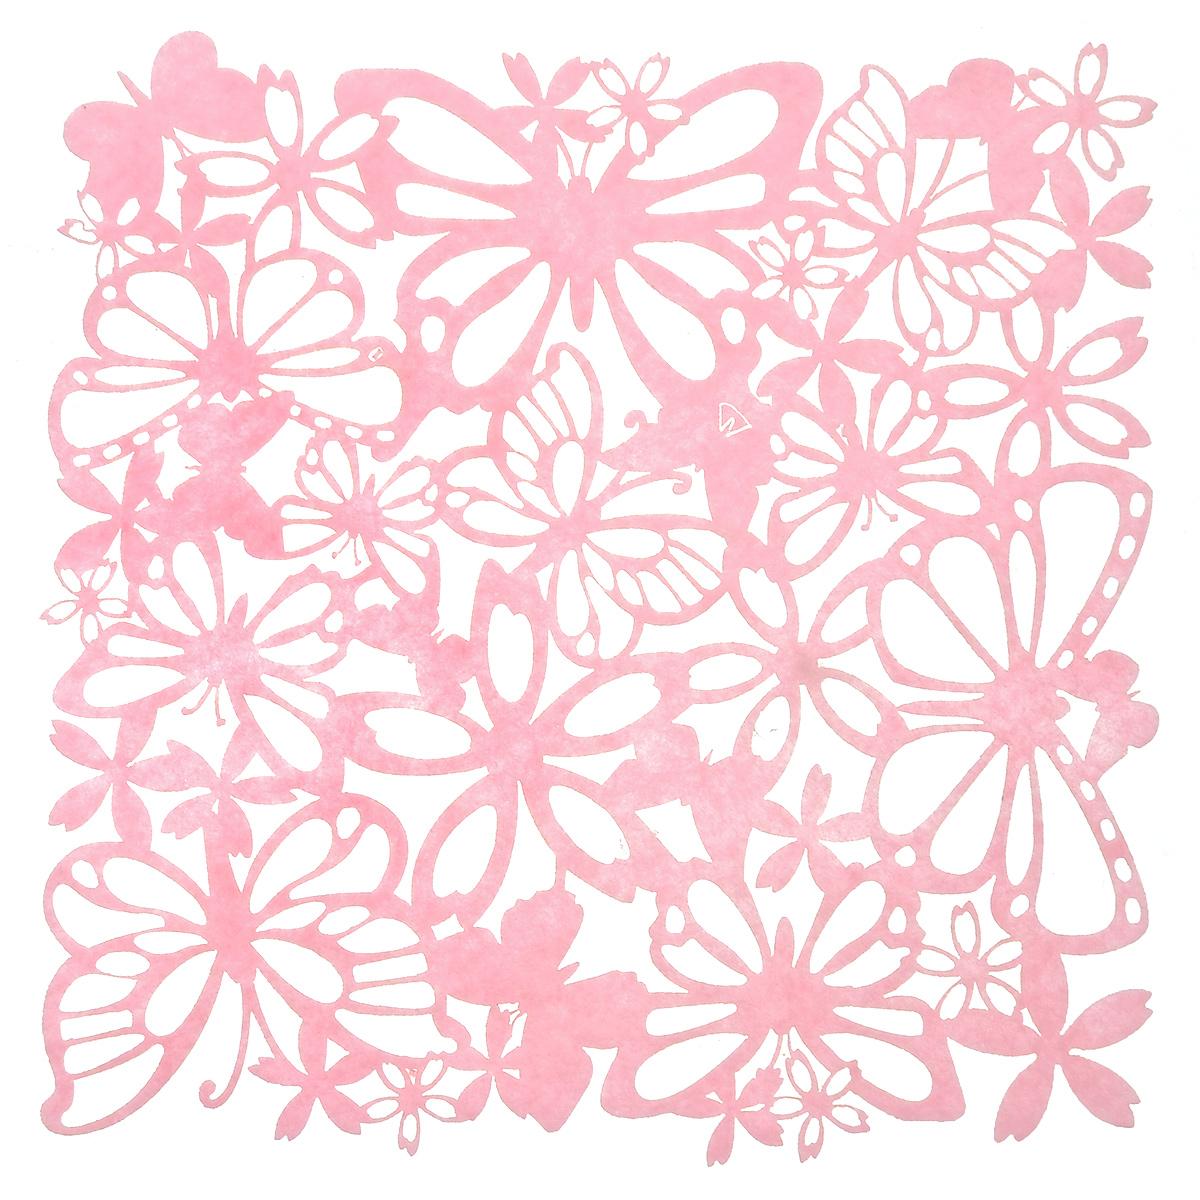 Салфетка Home Queen Взмах крыльев, цвет: розовый, 30 см х 30 смVT-1520(SR)Квадратная салфетка Home Queen Взмах крыльев изготовлена из фетра иоформлена изысканной перфорацией в виде цветочных узоров и бабочек. Такаясалфетка прекрасно подойдет для украшения интерьера кухни, она сбережет стол отвысоких температур и грязи.